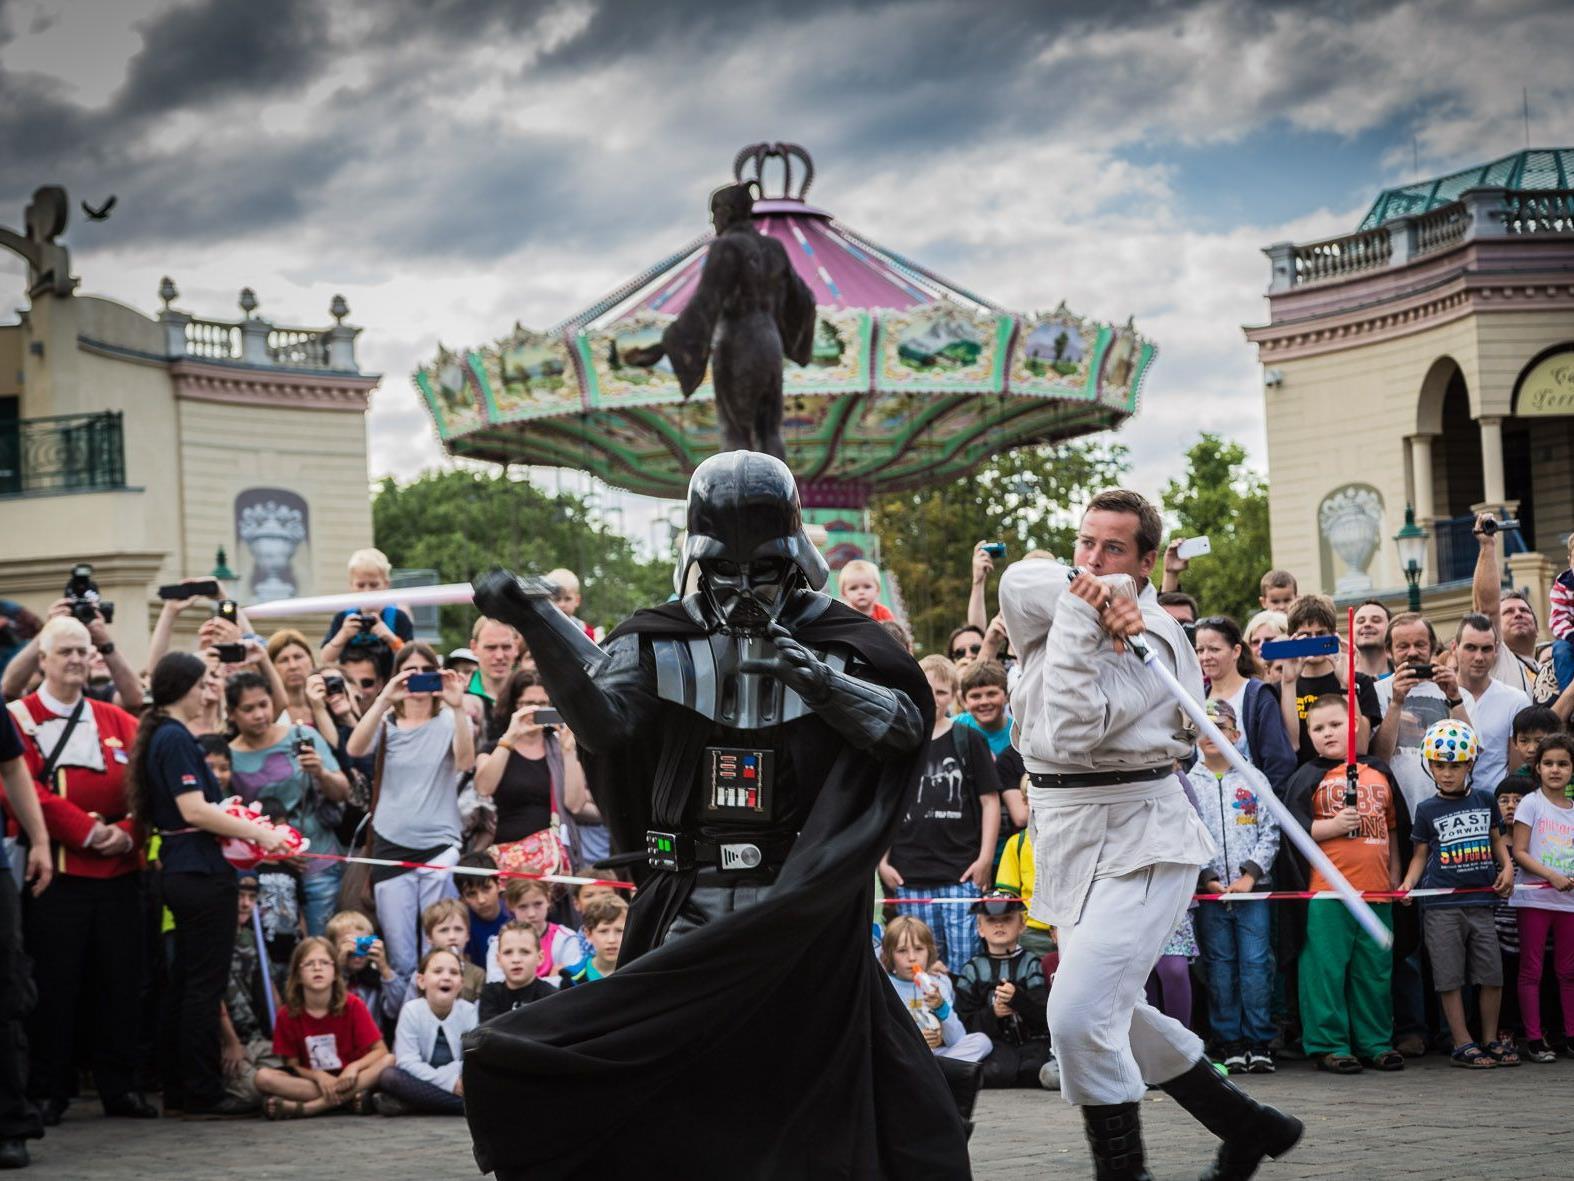 Sith gegen Jedi im Prater beim Sci-Fi Day 2017